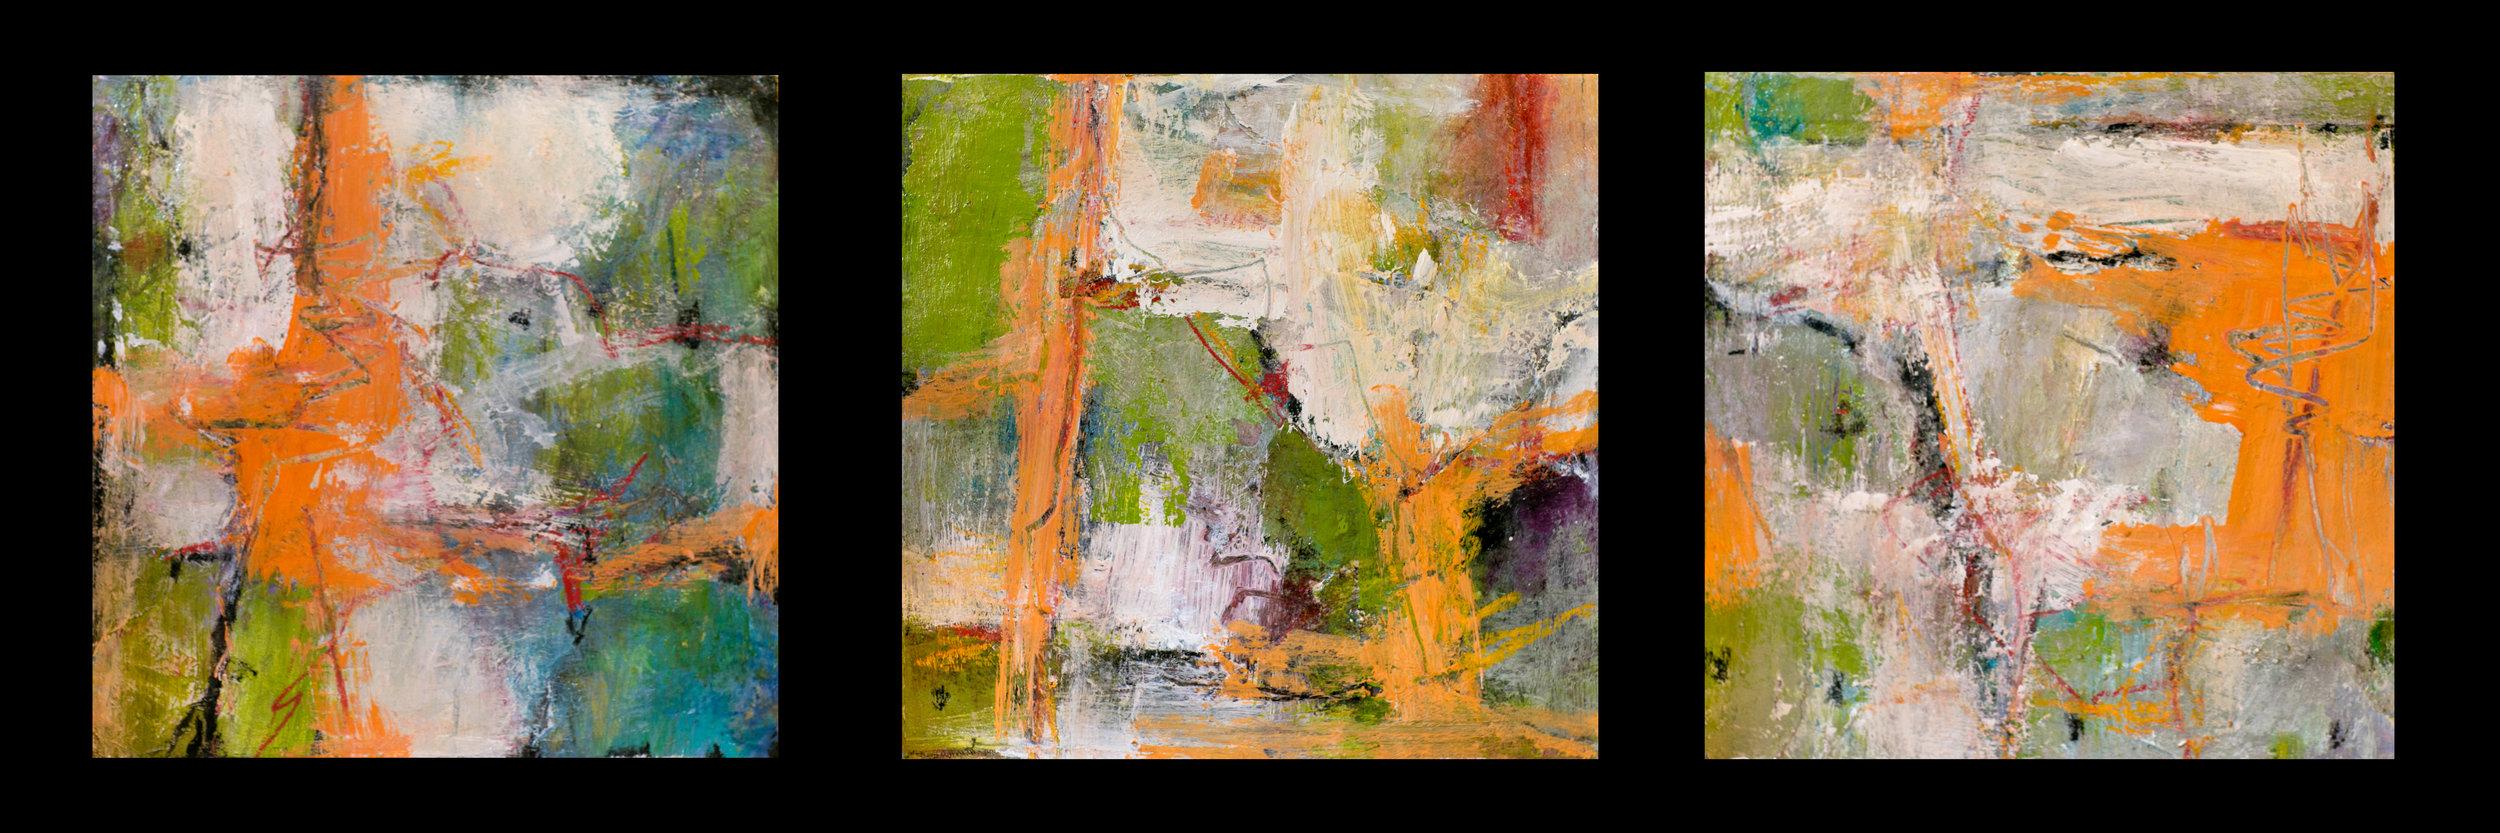 Tangerine I, II, III